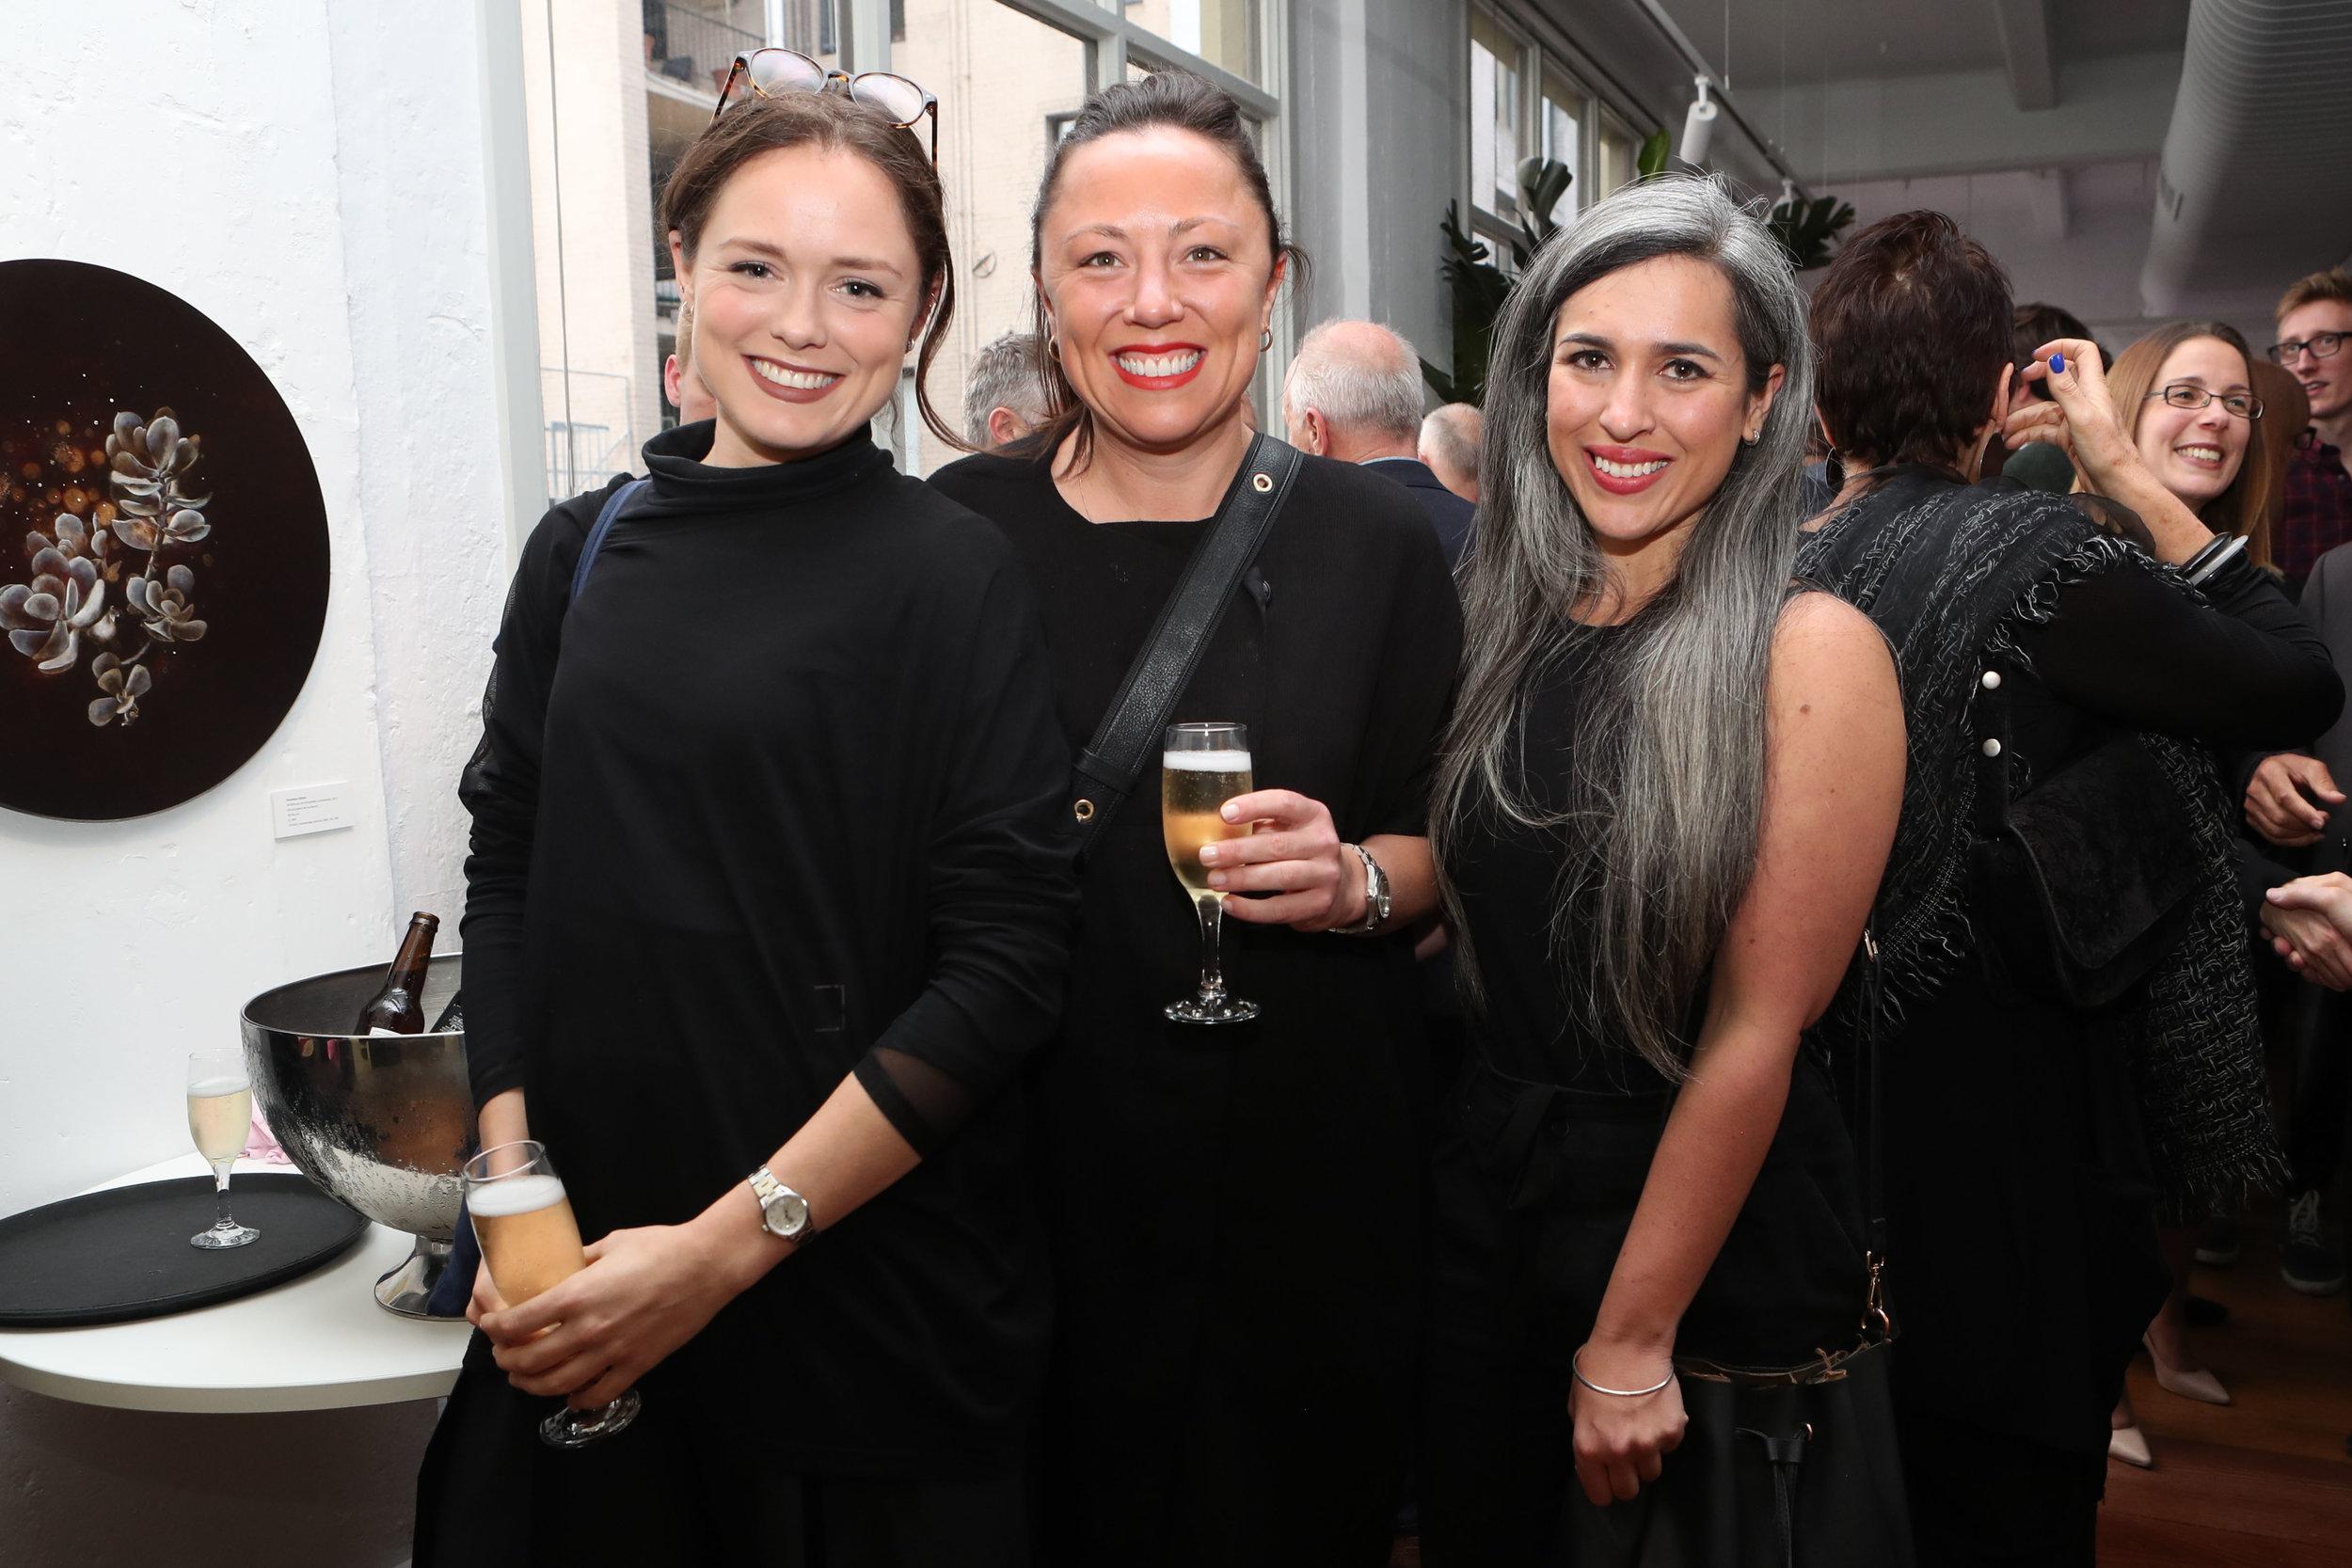 Katie Kelso, Thea Macleod and Chelsea Rodrigues.jpg